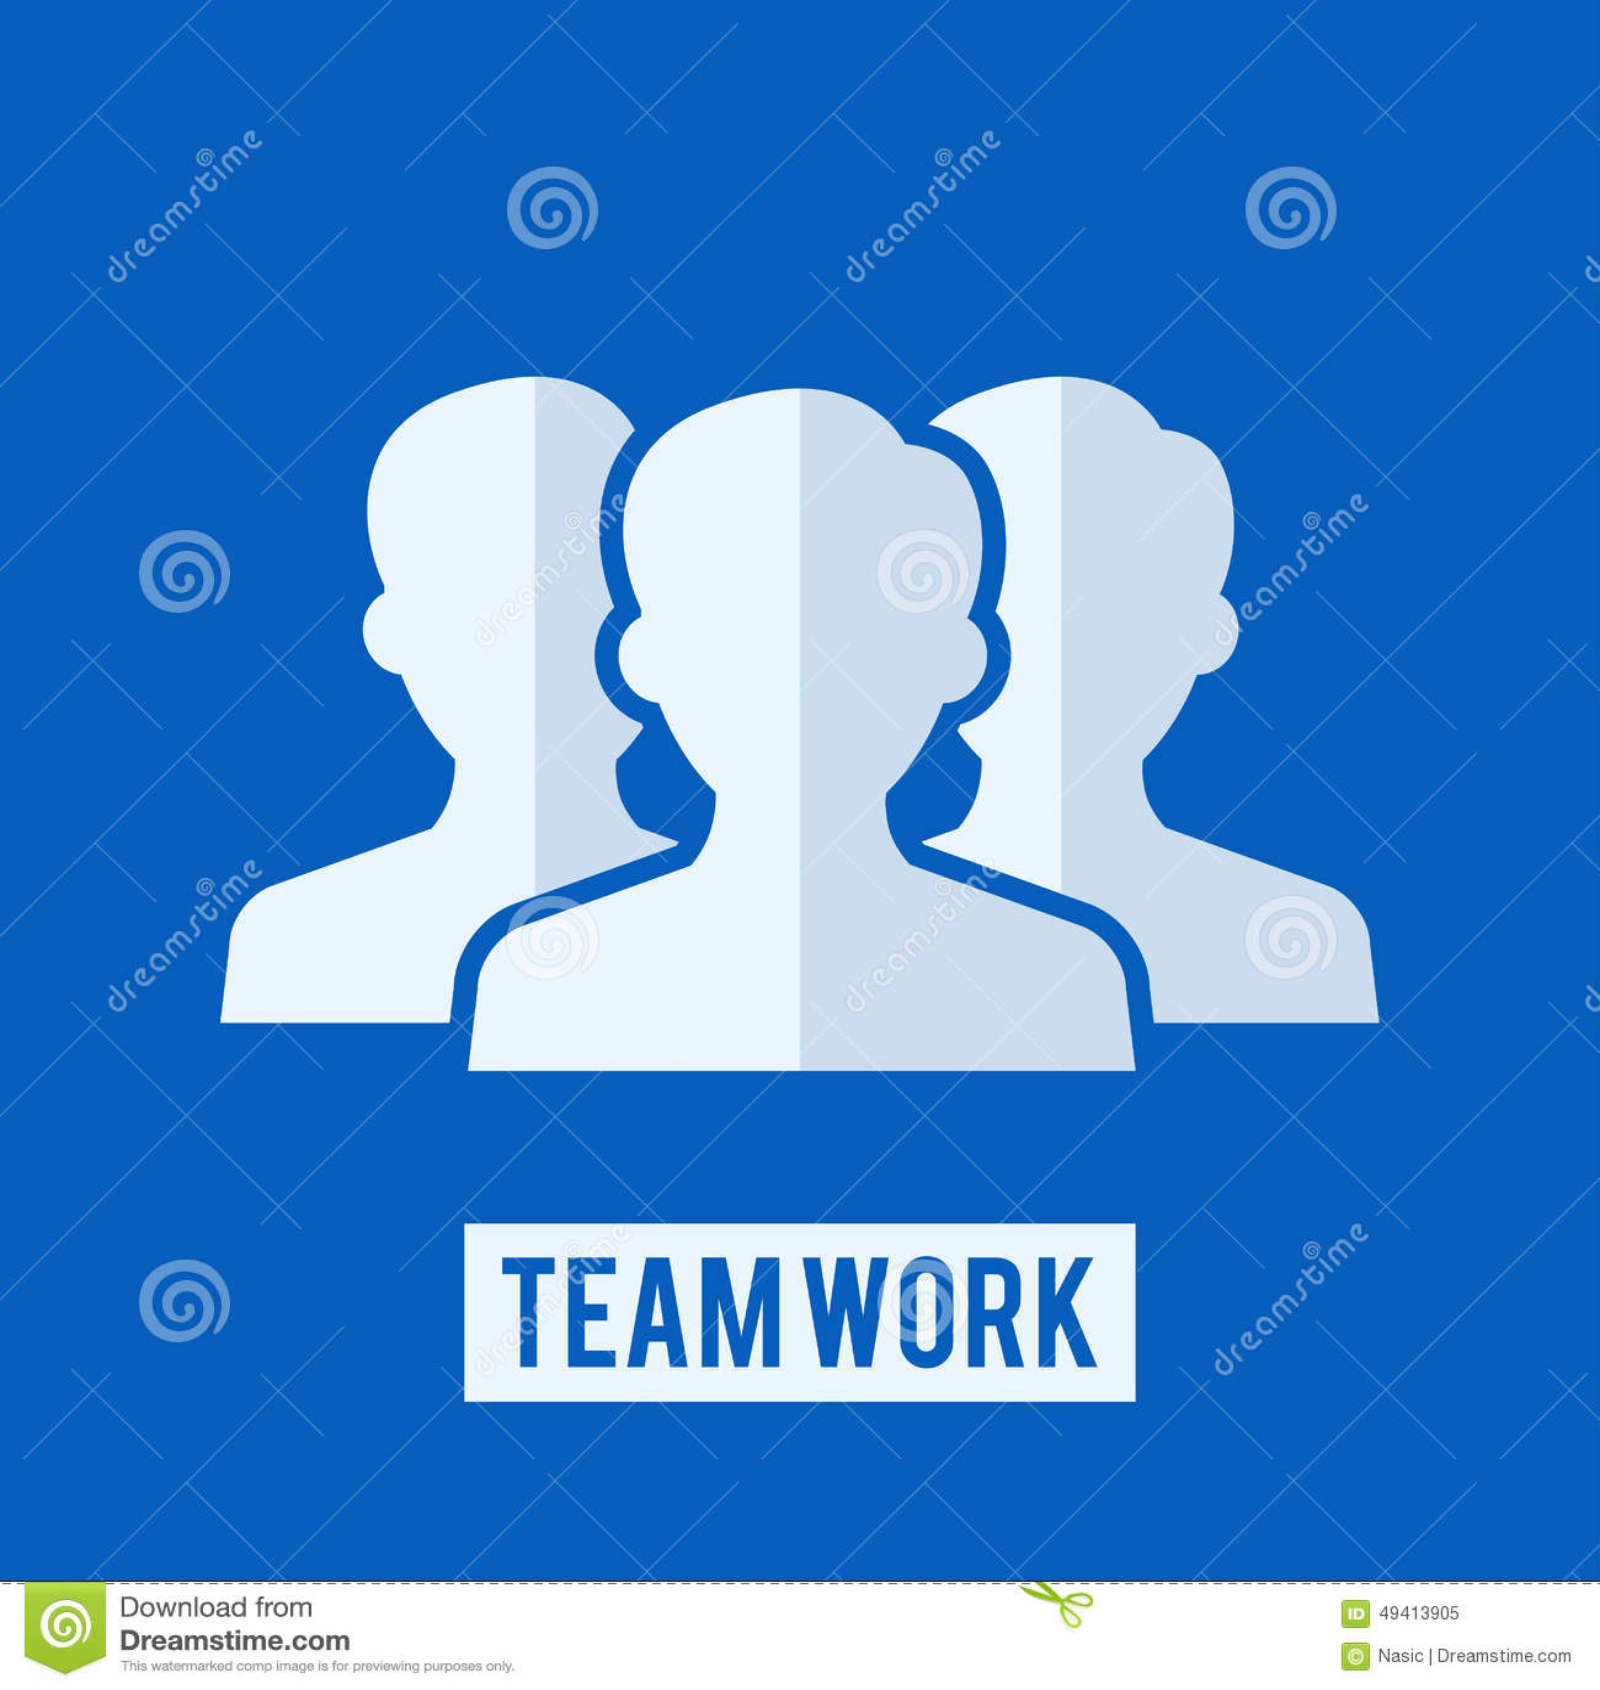 Download Teamarbeitszeichen vektor abbildung. Illustration von zeichen - 49413905